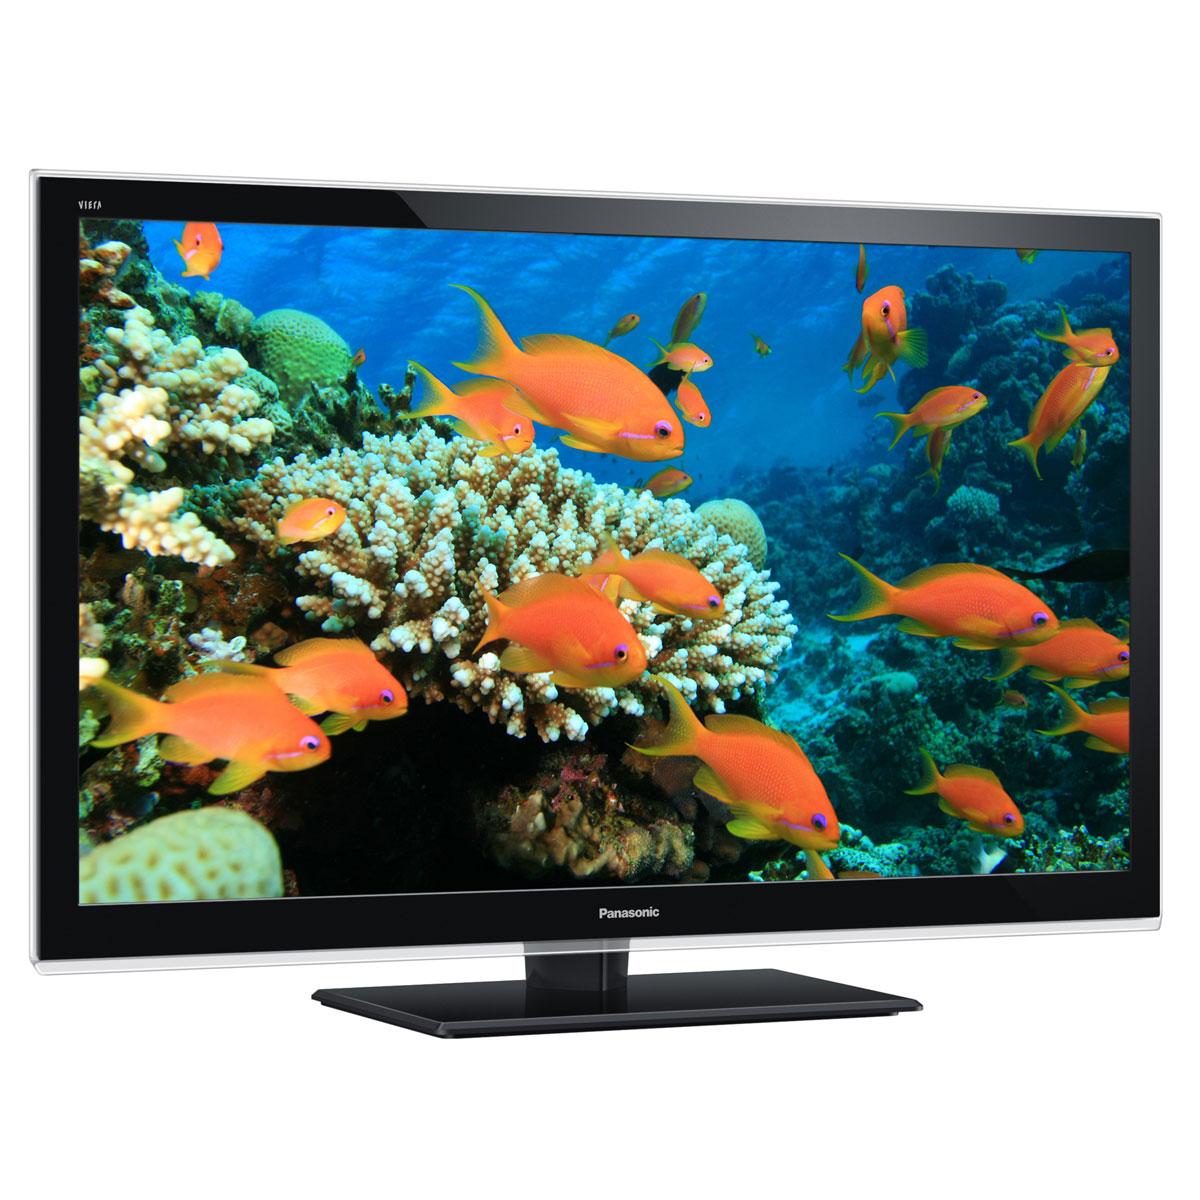 """TV Panasonic TX-L60ET5E Téléviseur LED IPS 3D Full HD 60"""" (152 cm) 16/9 - 1920 x 1080 pixels - TNT et Câble HD - HDTV 1080p - DLNA - Wi-Fi - 500 Hz - 4 paires de lunettes 3D"""